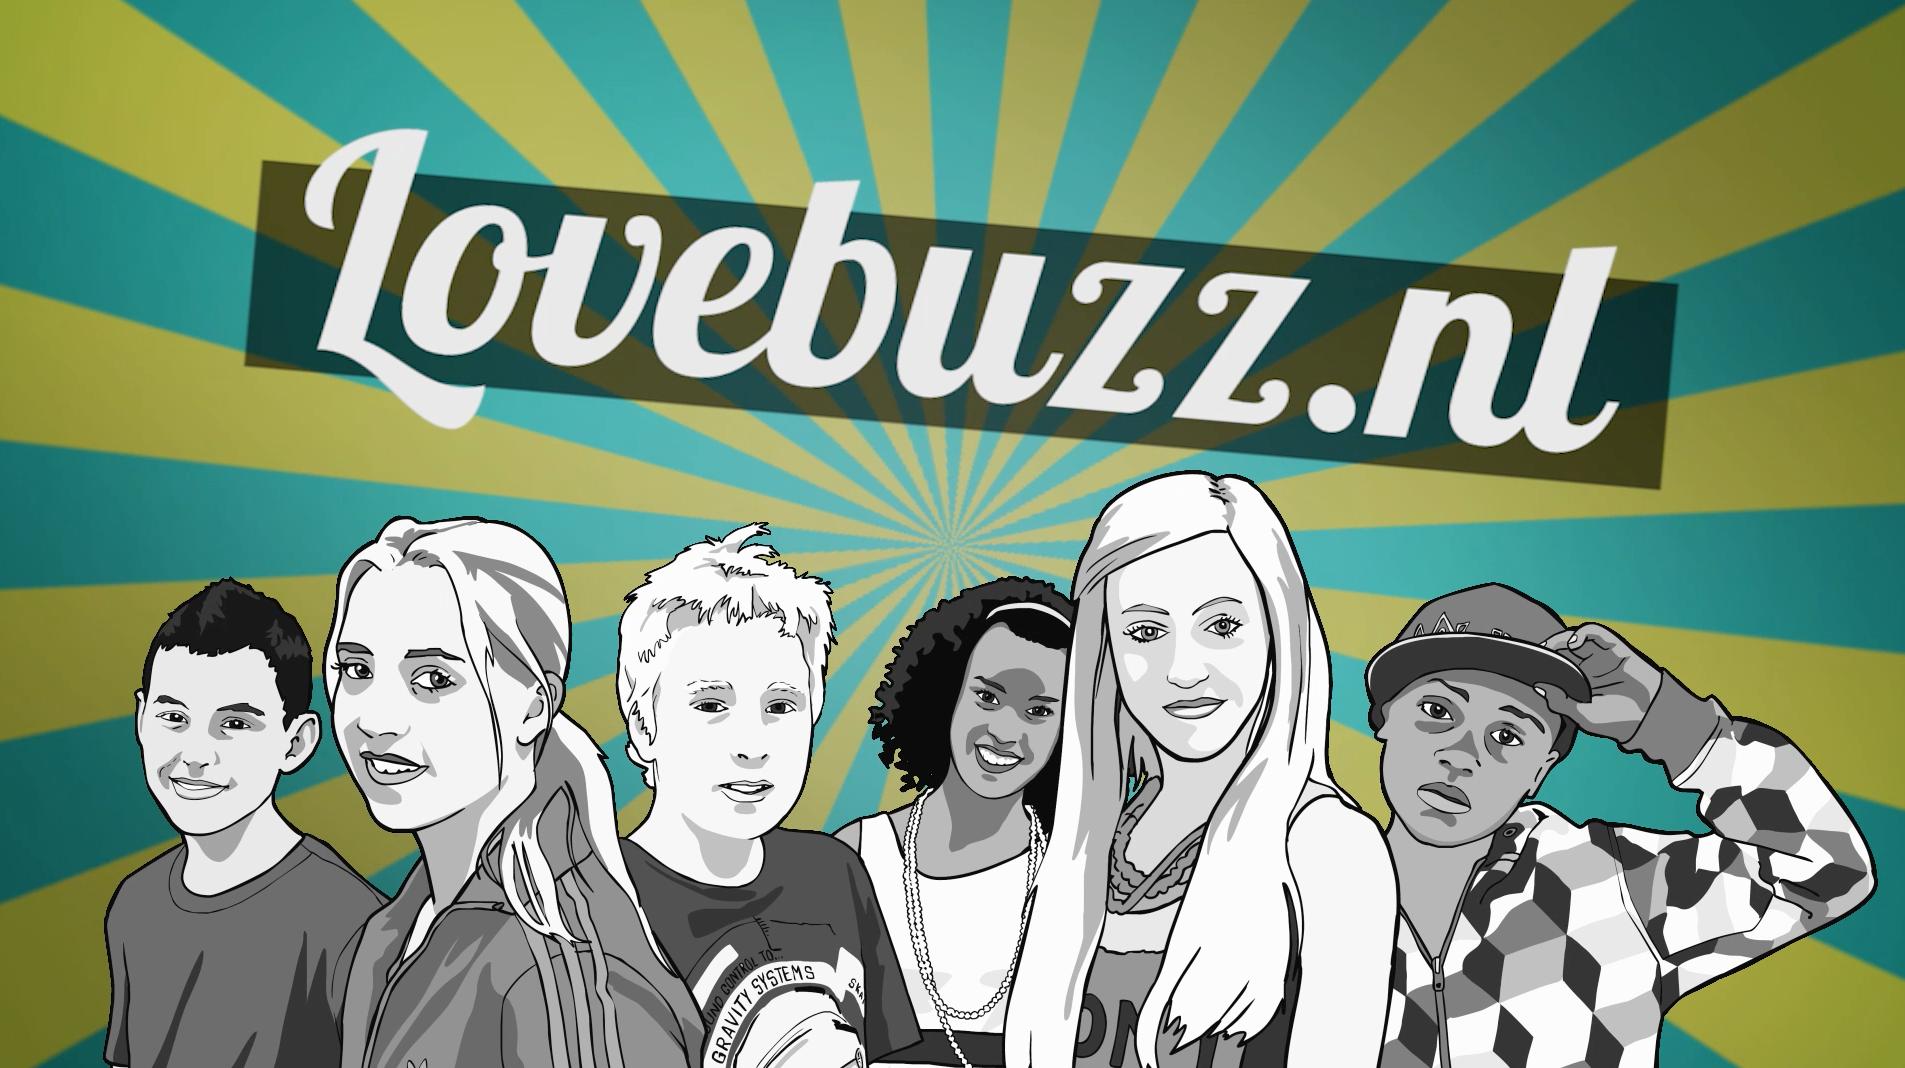 lovebuzz.nl